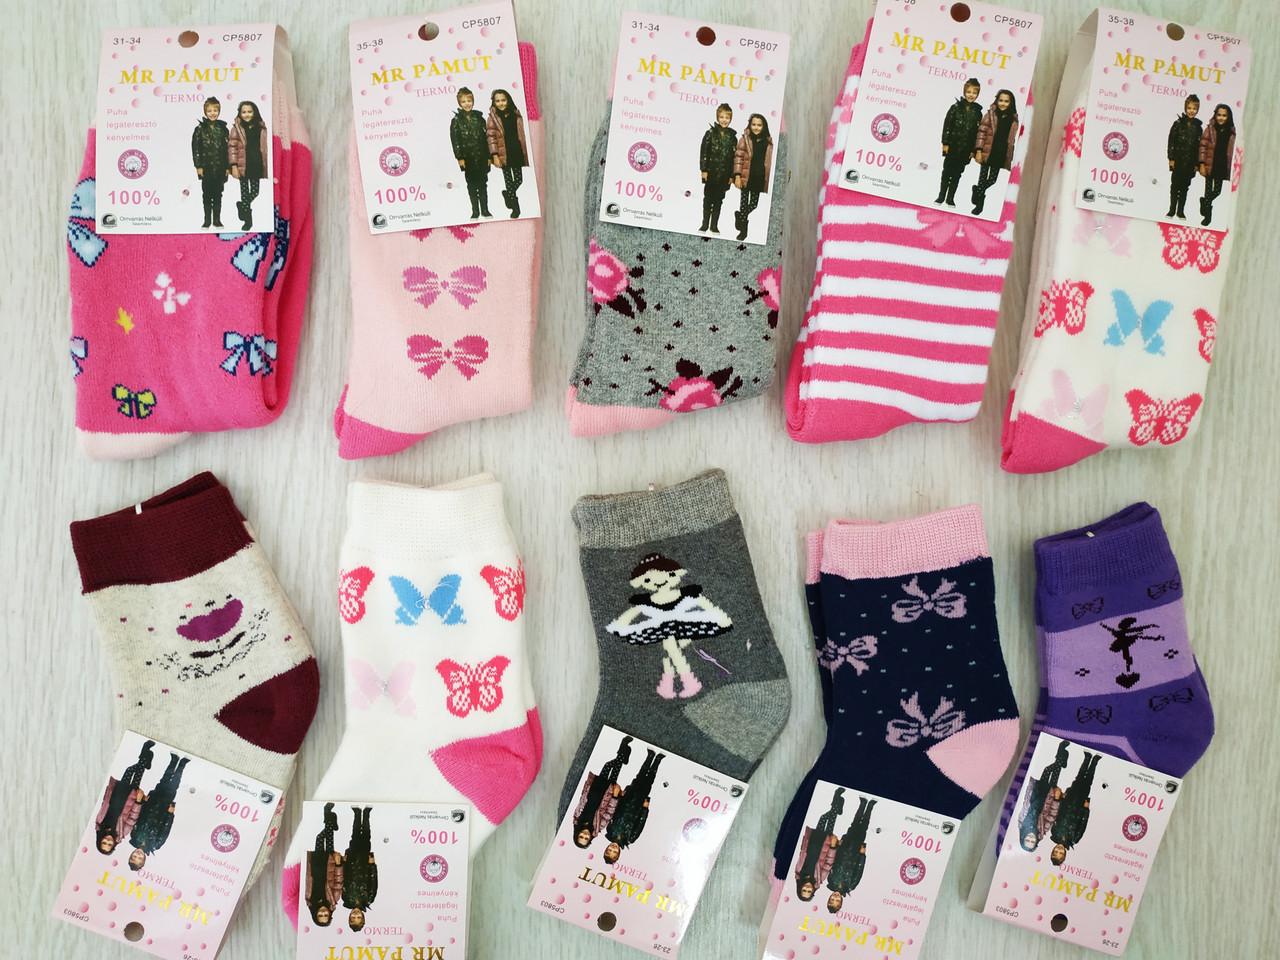 Детские махровые носки для девочки, Венгрия, MR PAMUT, рр. 23-26, 31-34, 35-38, арт. 5807,